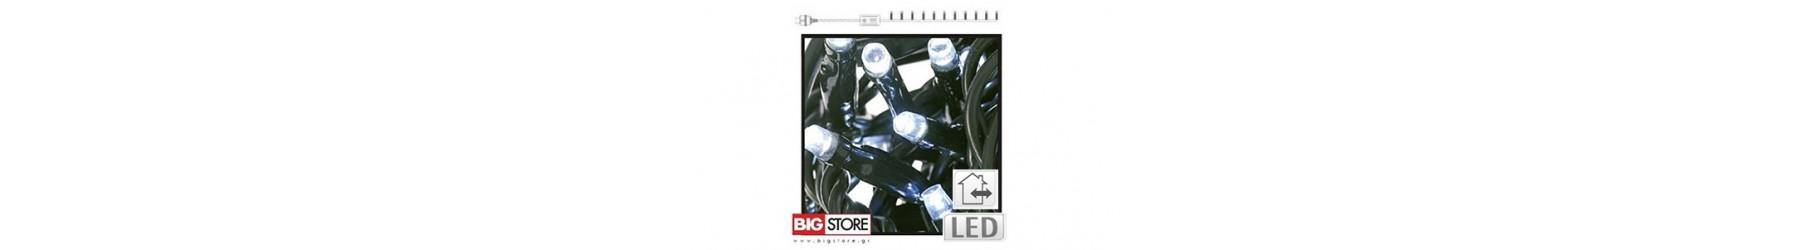 Led φωτάκια - λαμπάκια με πρόγραμμα εναλλαγής φωτισμού